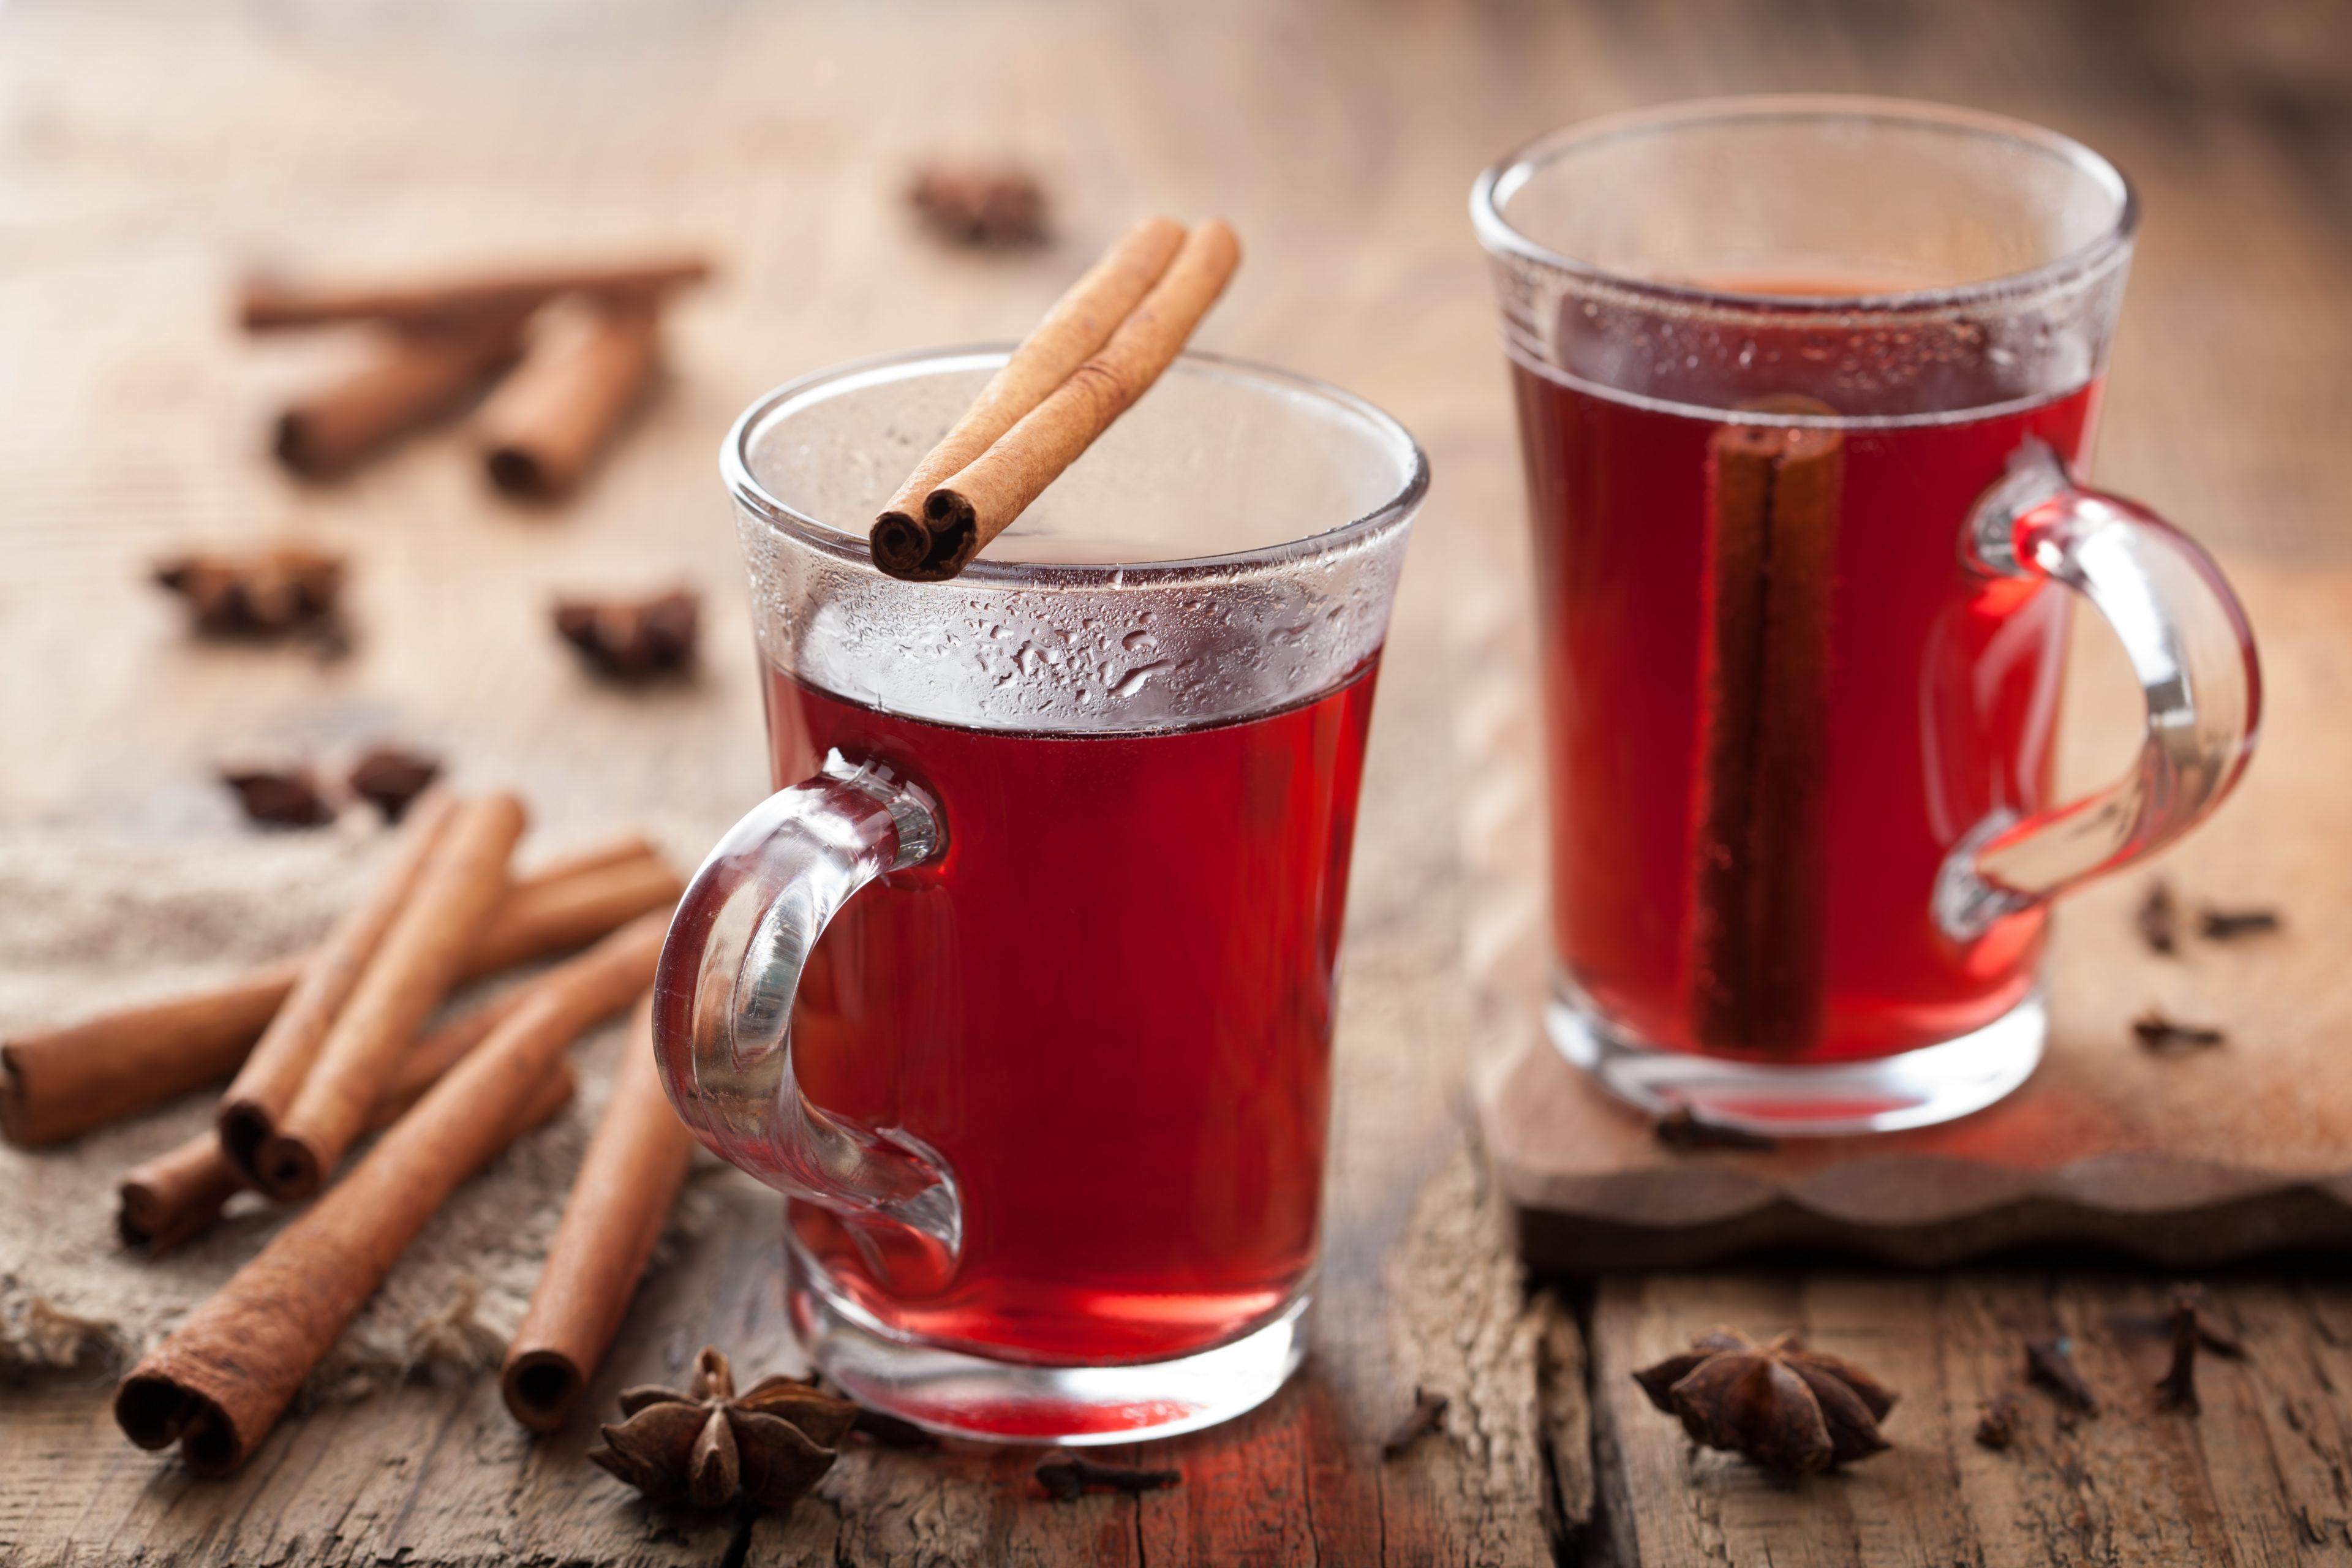 Deux tasses de thé des montagnes à la cannelle et clous de girofle